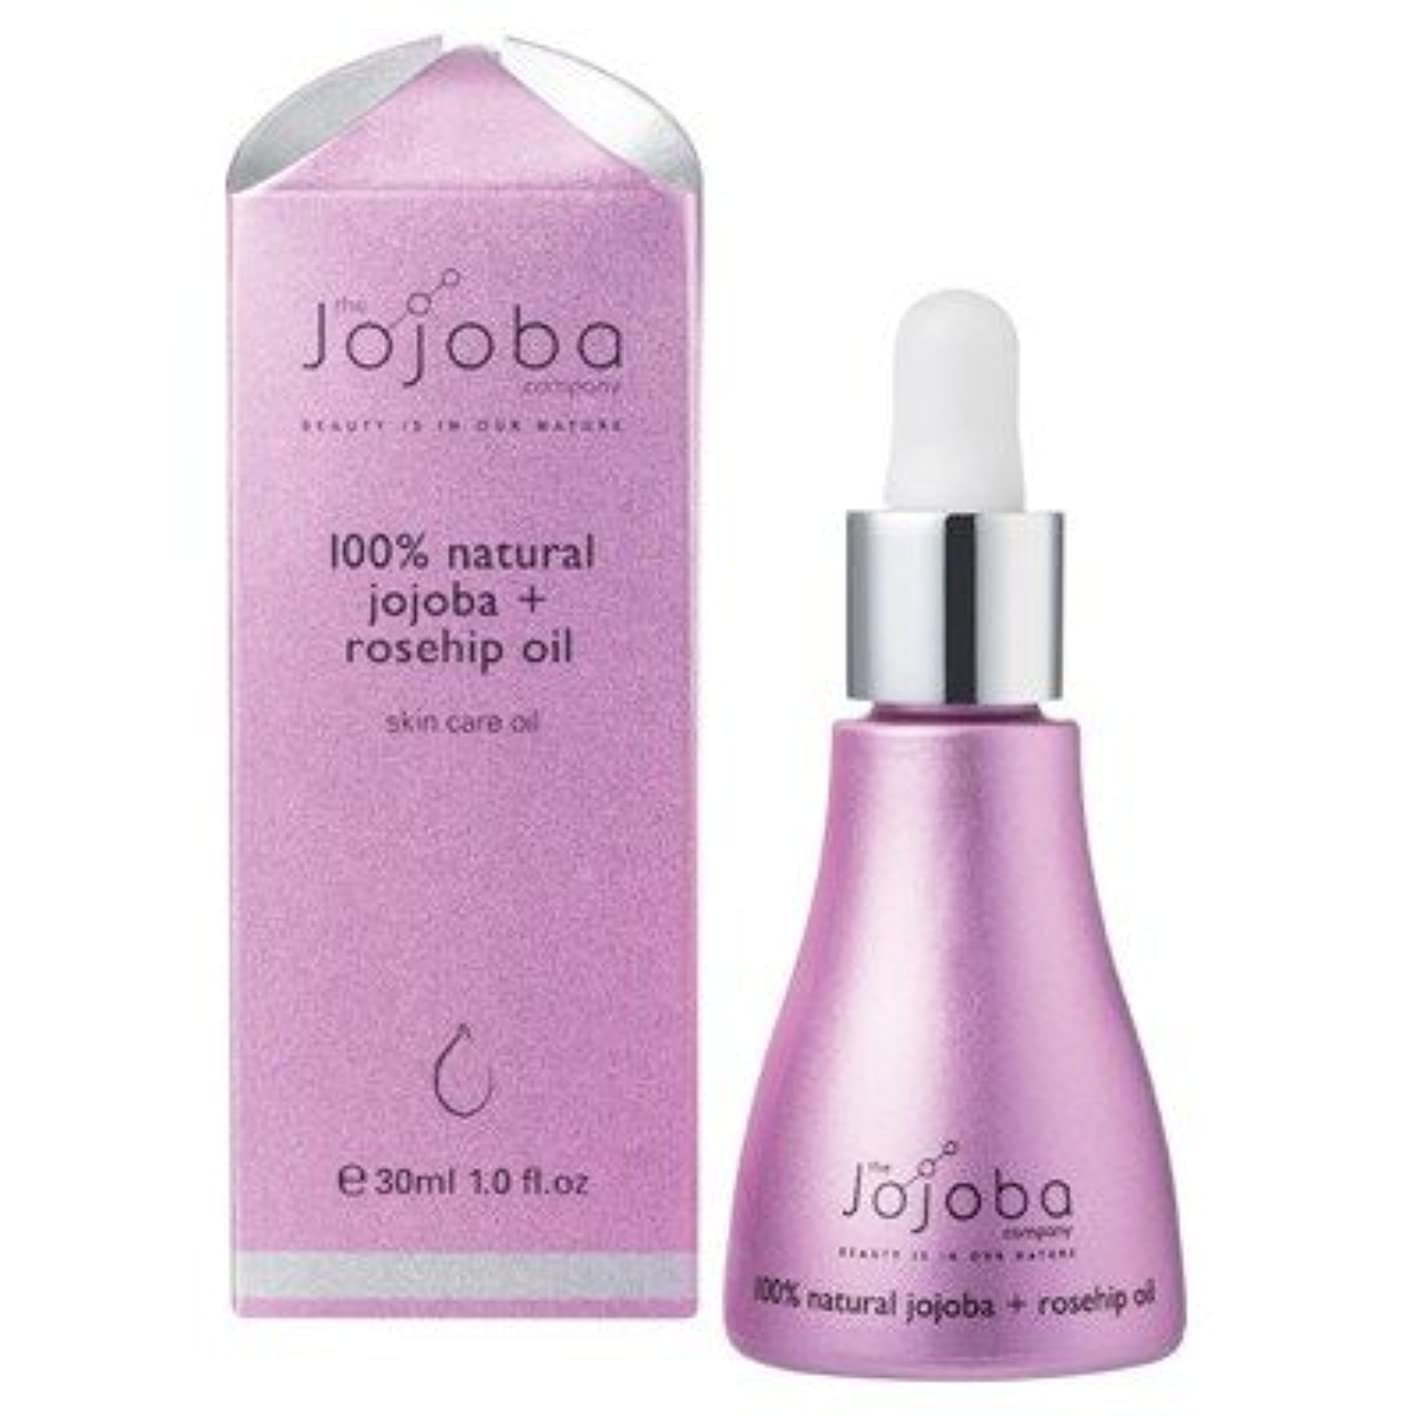 エンドウ連続したクレアthe Jojoba Company 100% Natural Australian Jojoba Oil + Rosehip Oil ホホバ&ローズヒップブレンドオイル 30ml [海外直送品]